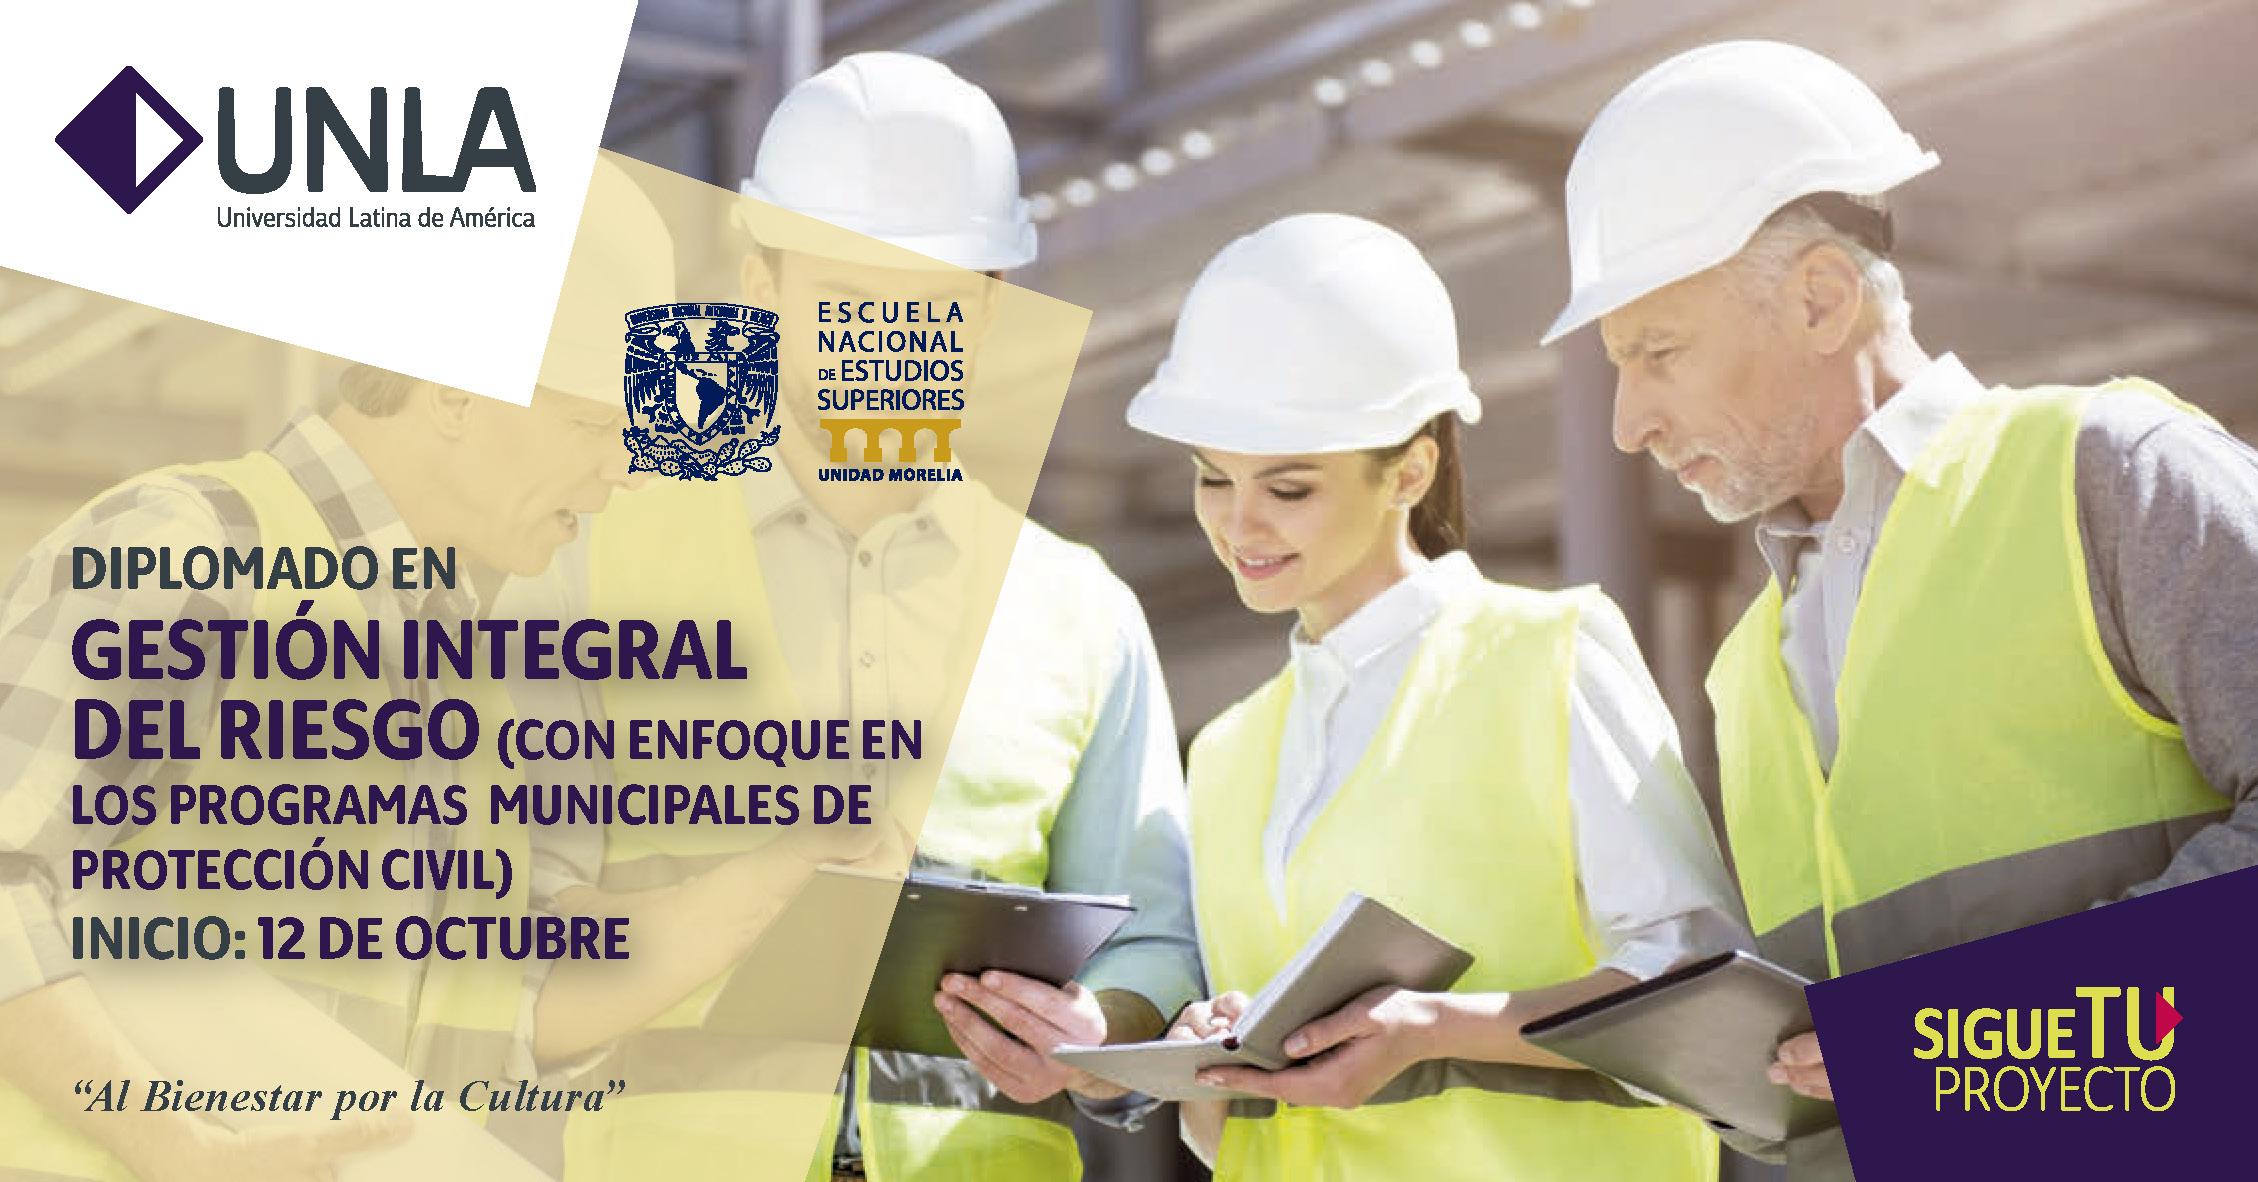 pdf informativo gestión integral del riesgo EDCOTO18 LR-ilovepdf-compressed_Página_1